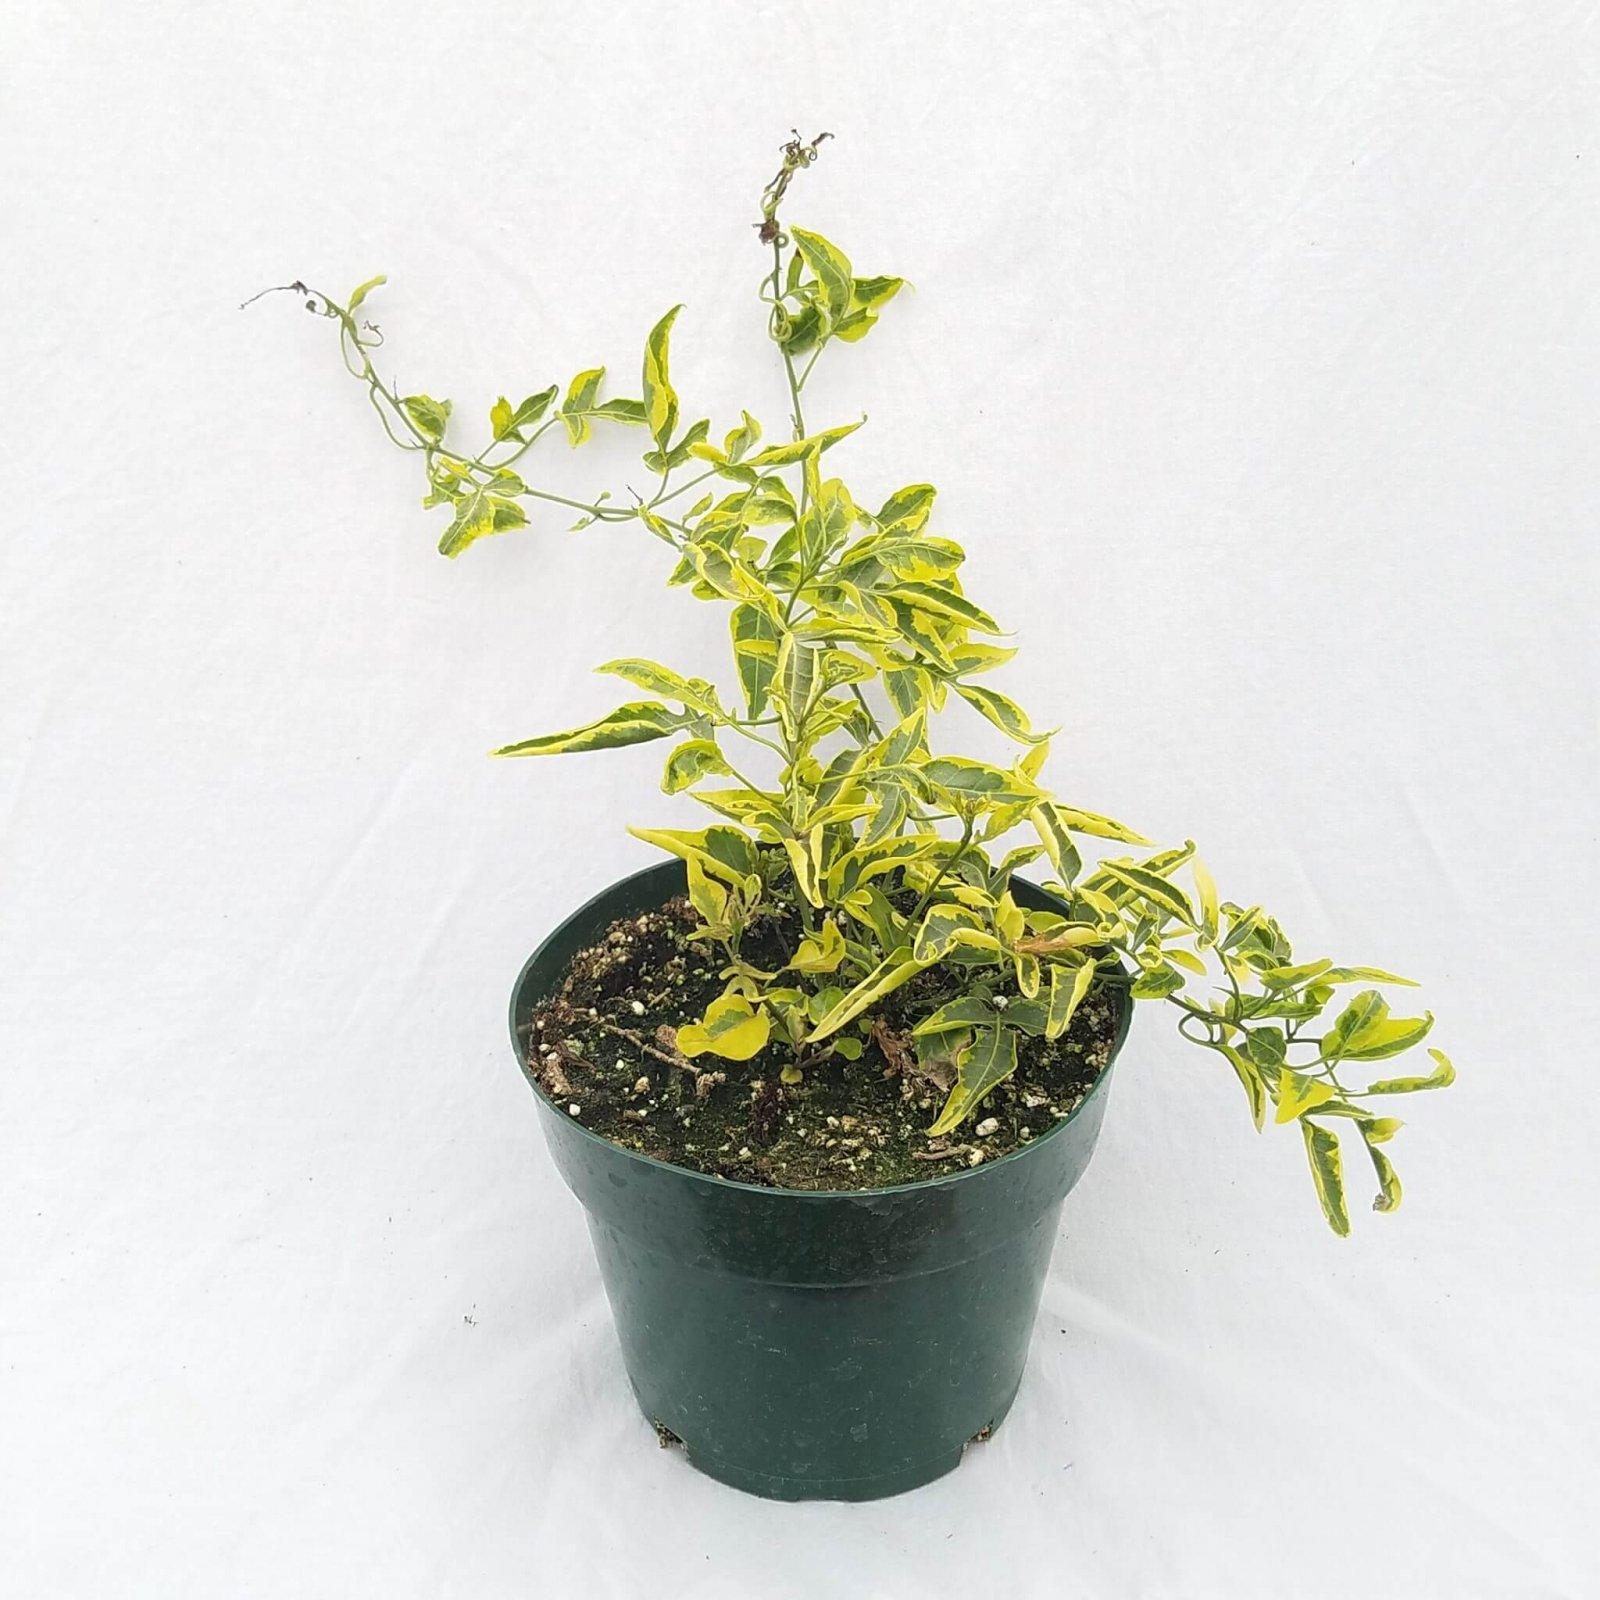 Solanum jasminoides 'Variegated' - 6 1/2